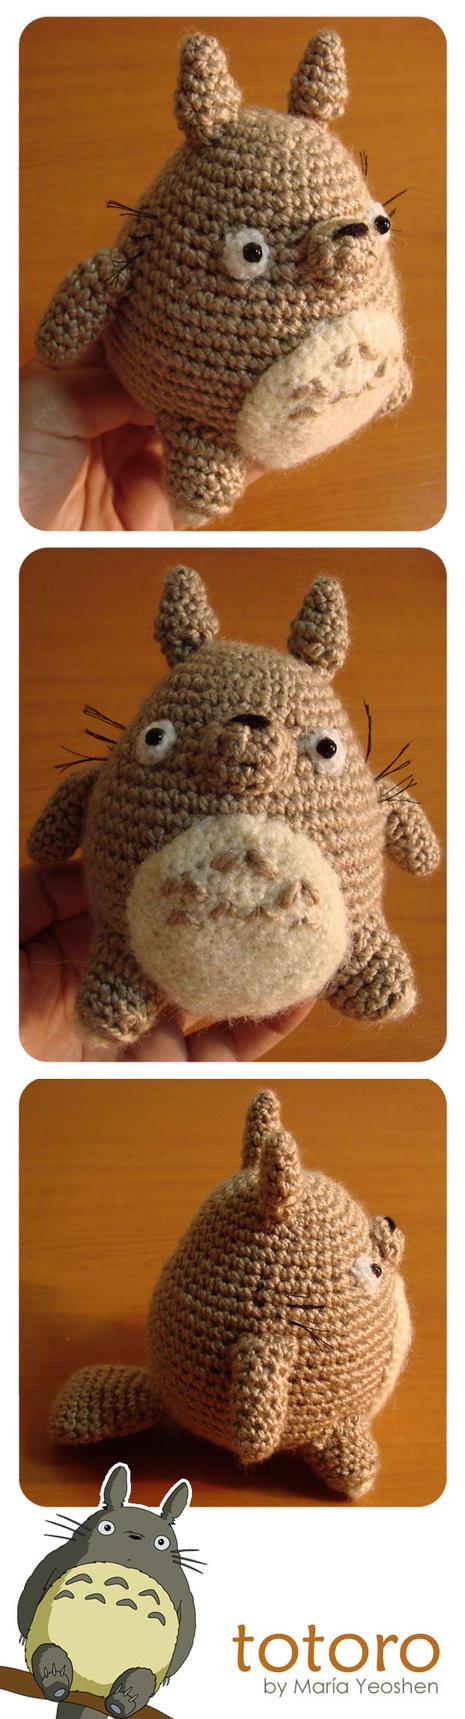 Totoro Amigurumi by TENKULA on DeviantArt